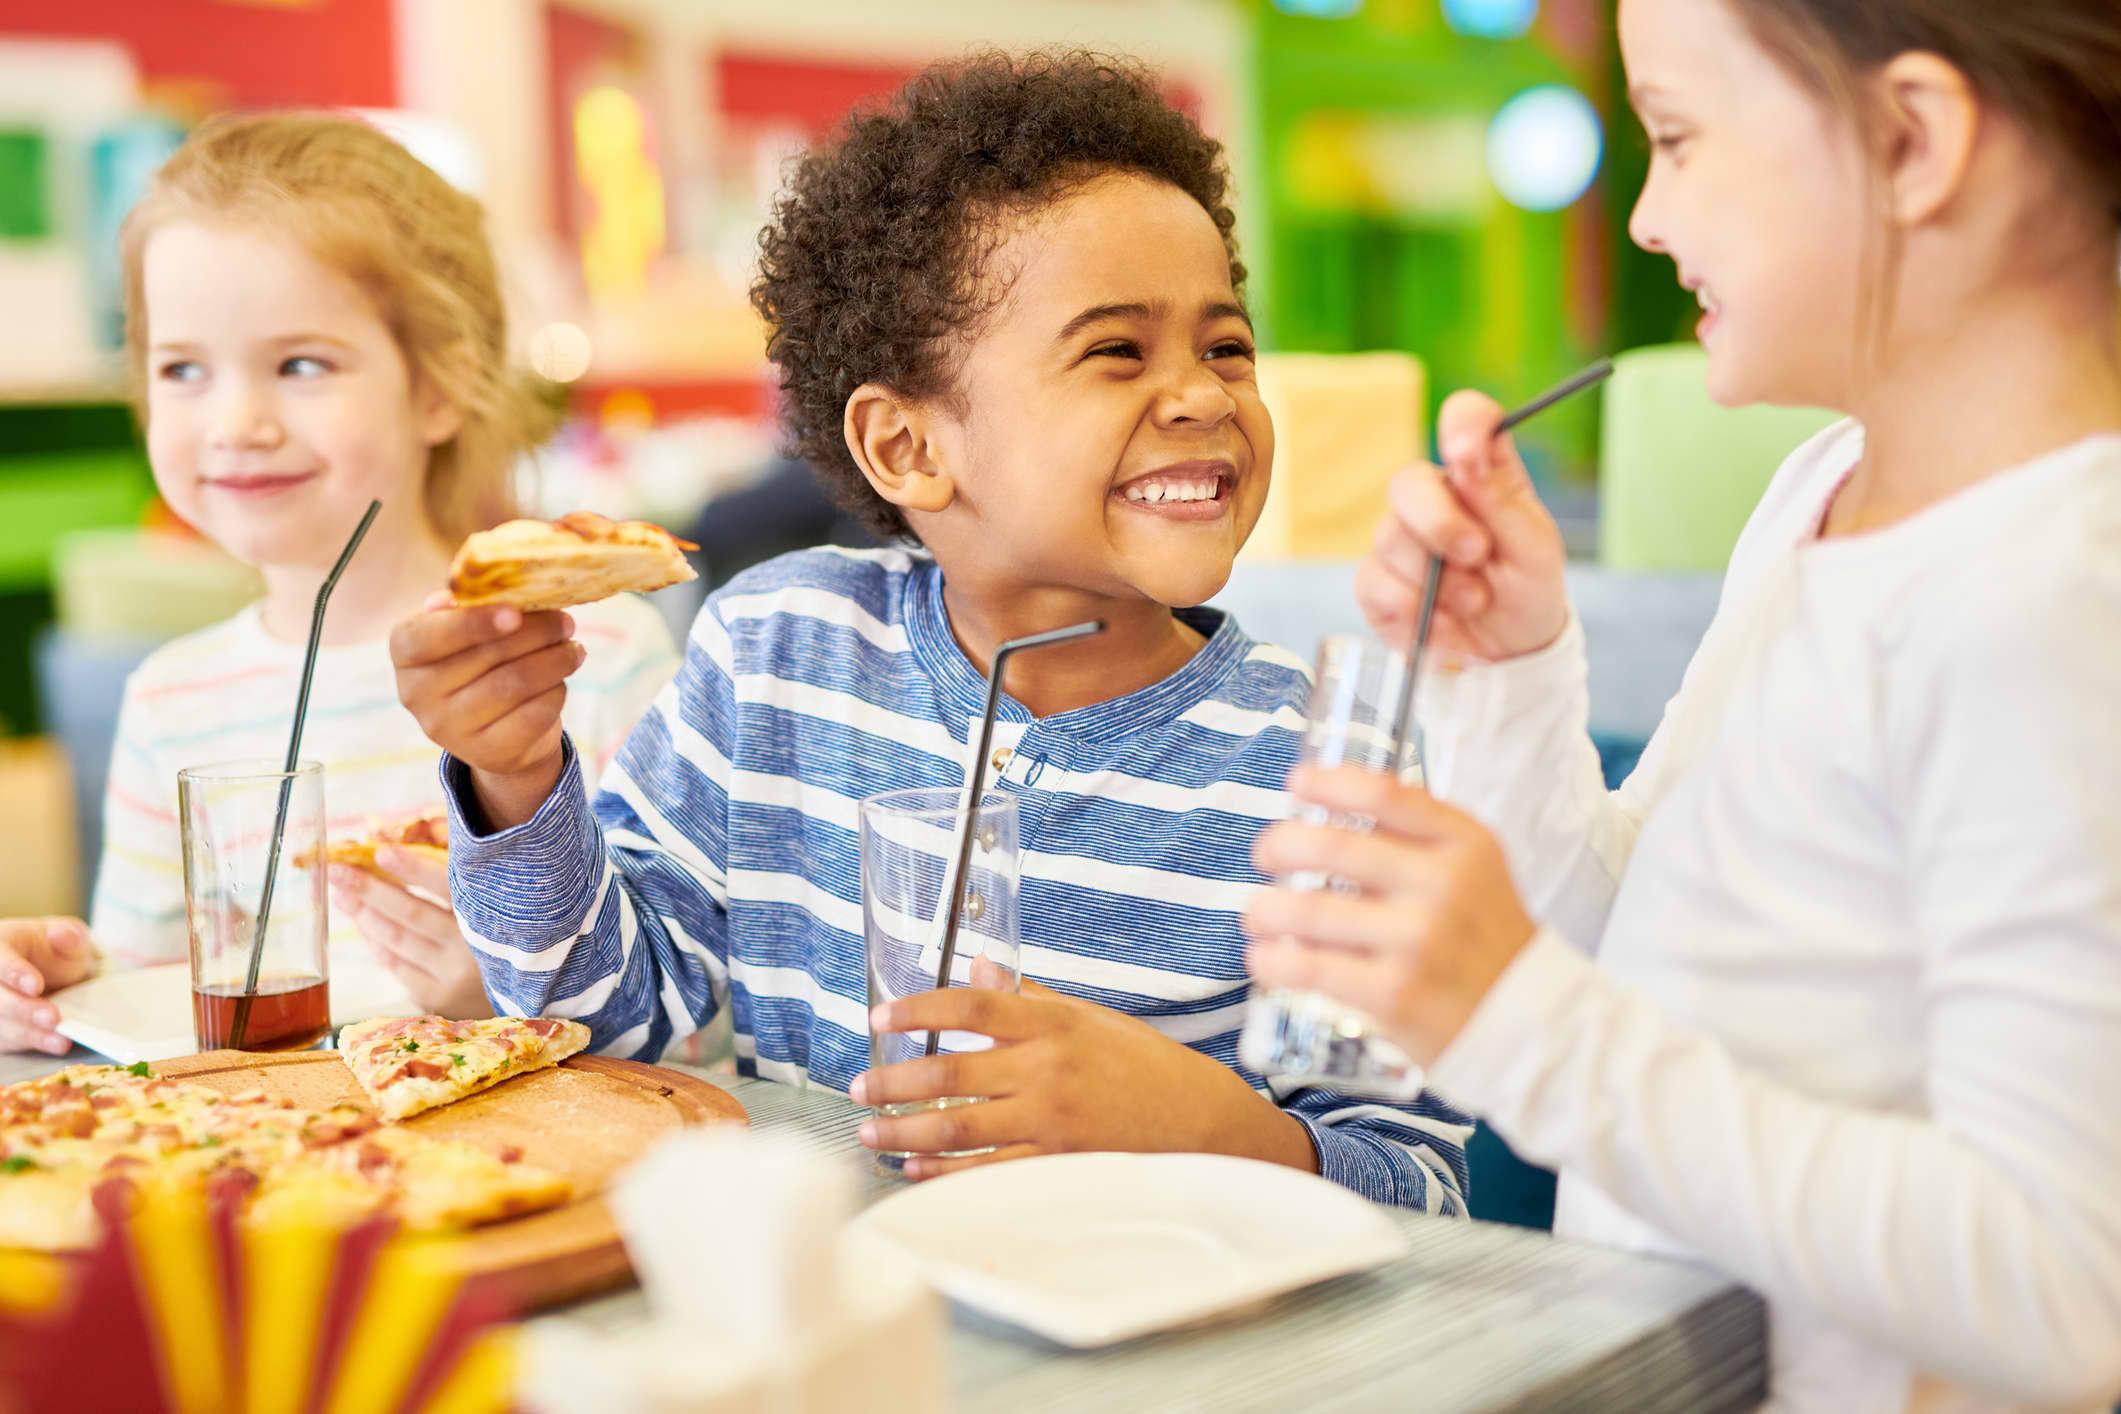 Pizza er klassisk festmat og en favoritt blant barna. Bruk ingredienser i deig og fyll som alle kan spise. FOTO: illustrasjonsbilde/iStock